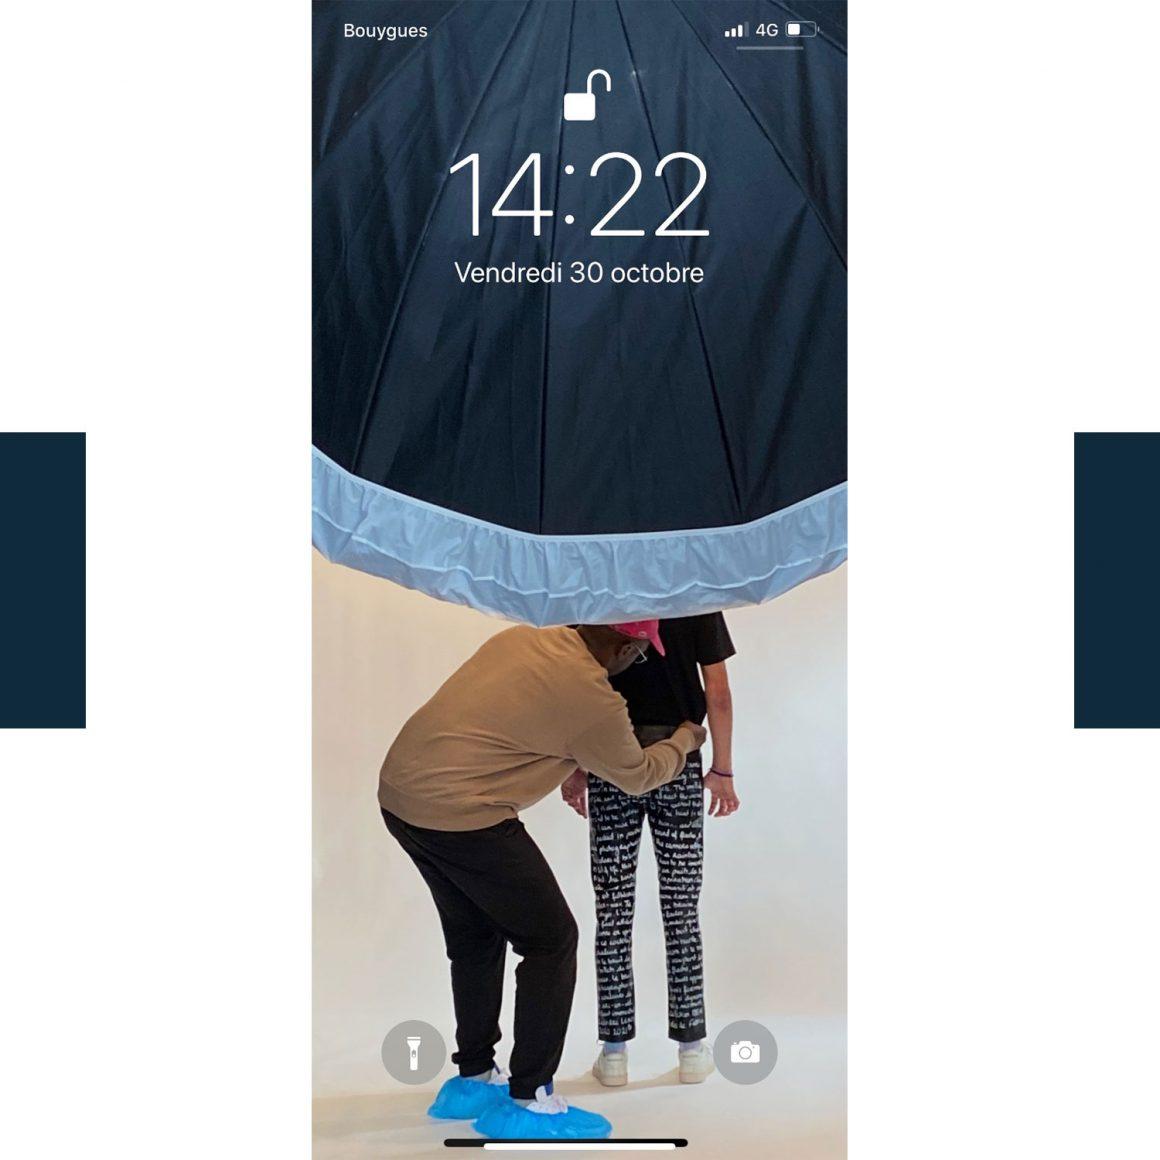 Le fond d'écran du téléphone de Leandre Lerouge